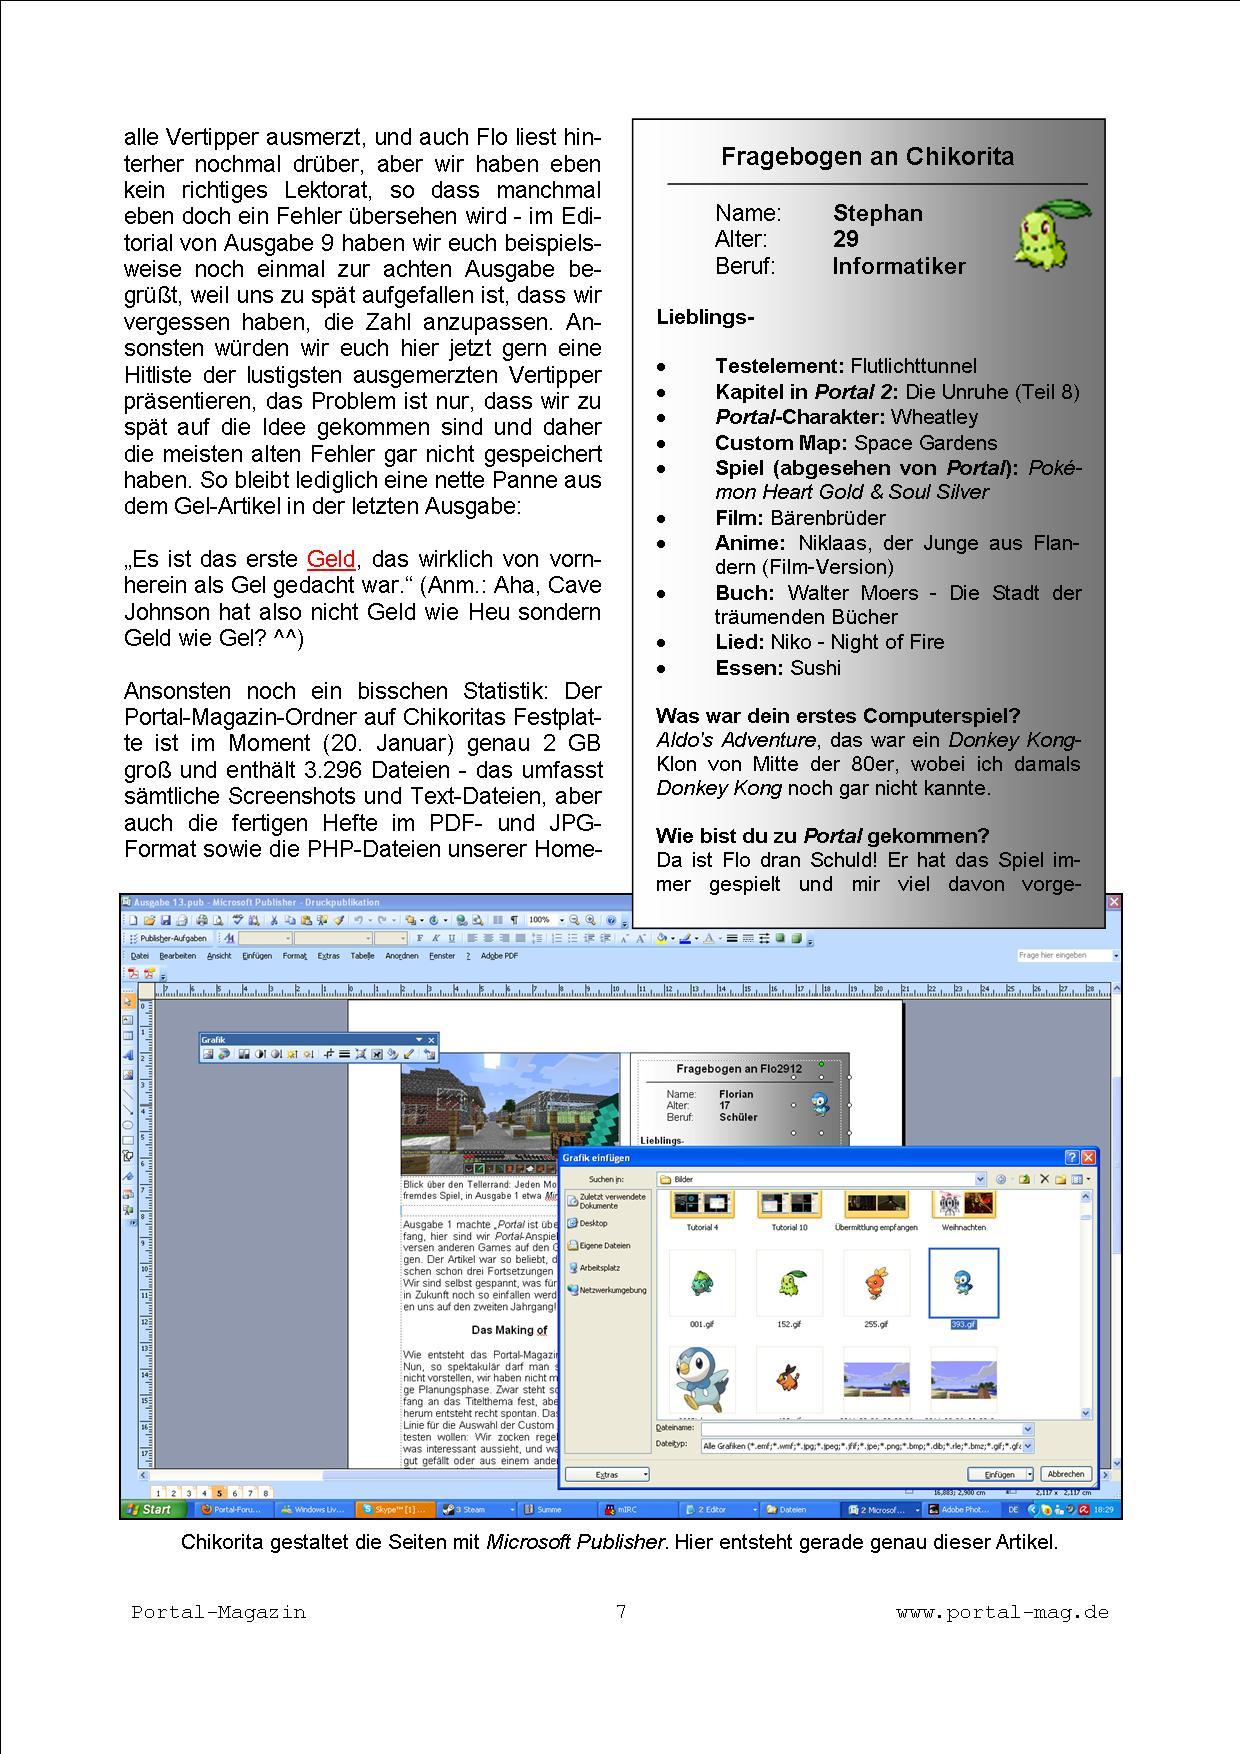 Ausgabe 13, Seite 7